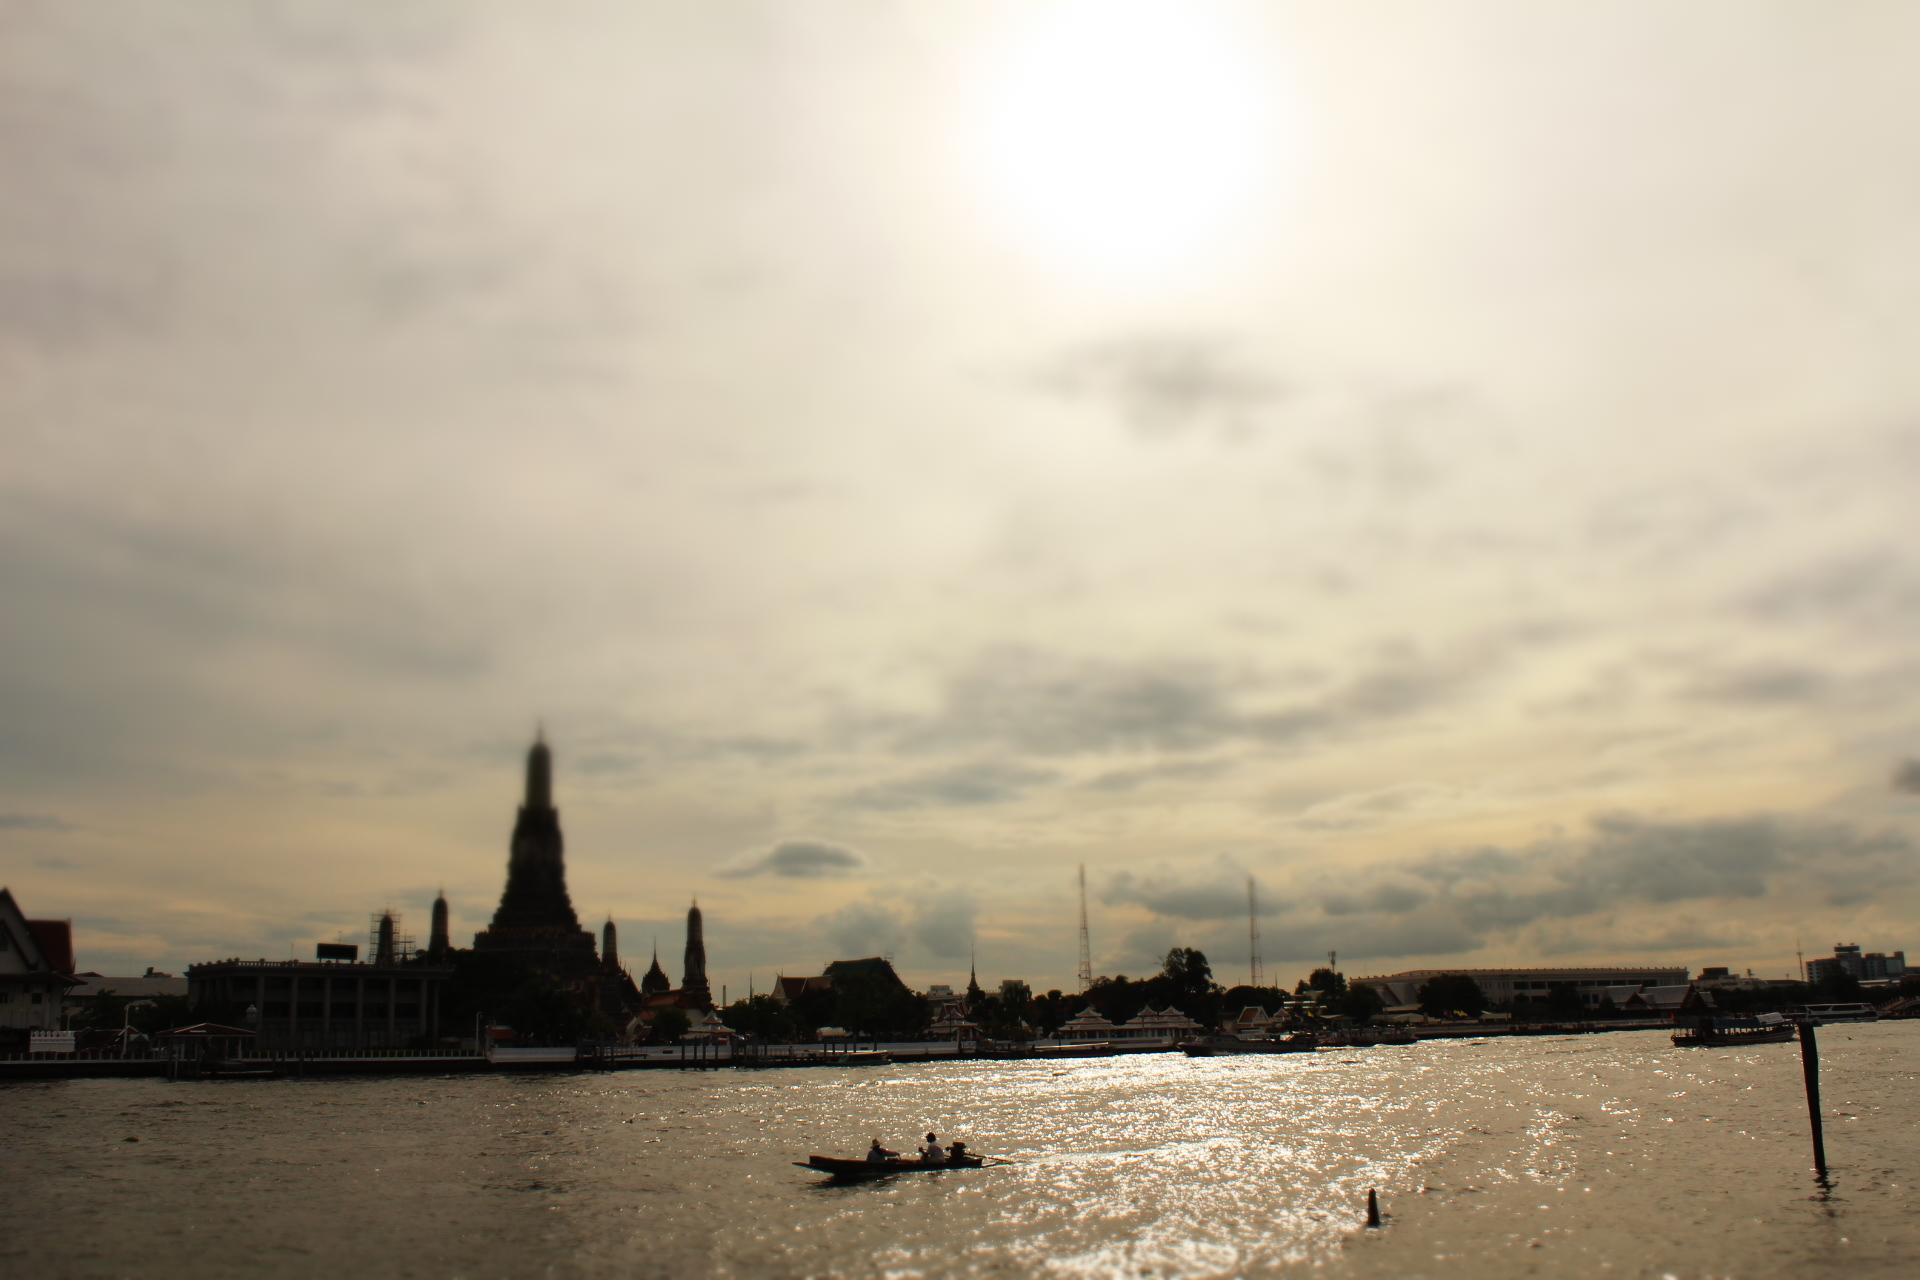 チャオプラヤー川と暁の寺ワットアルン